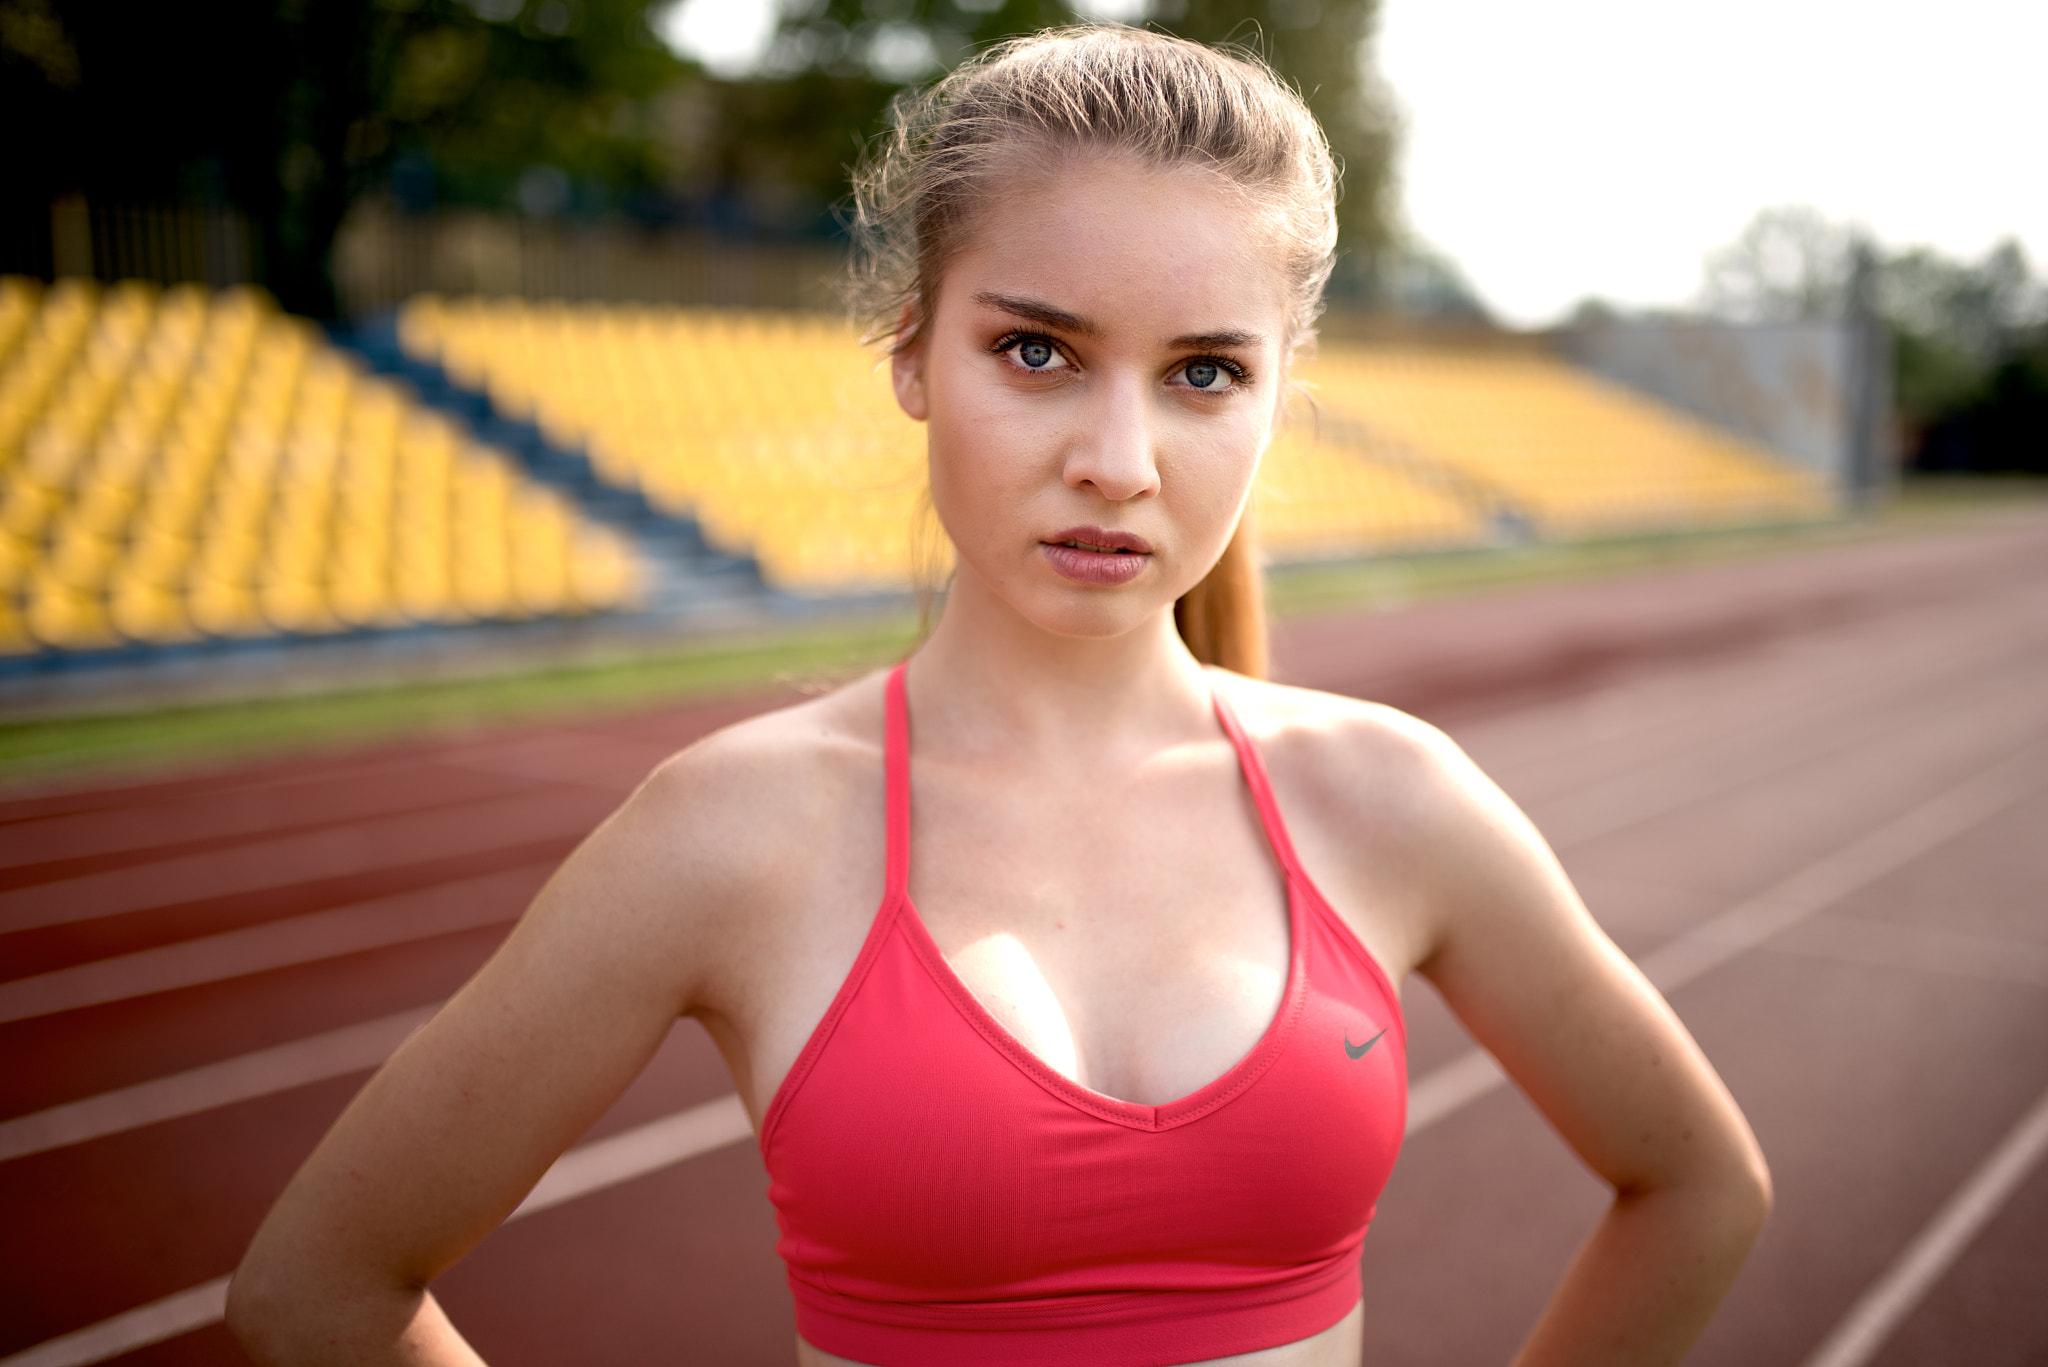 young-athlete-girls-leather-bondage-discipline-gay